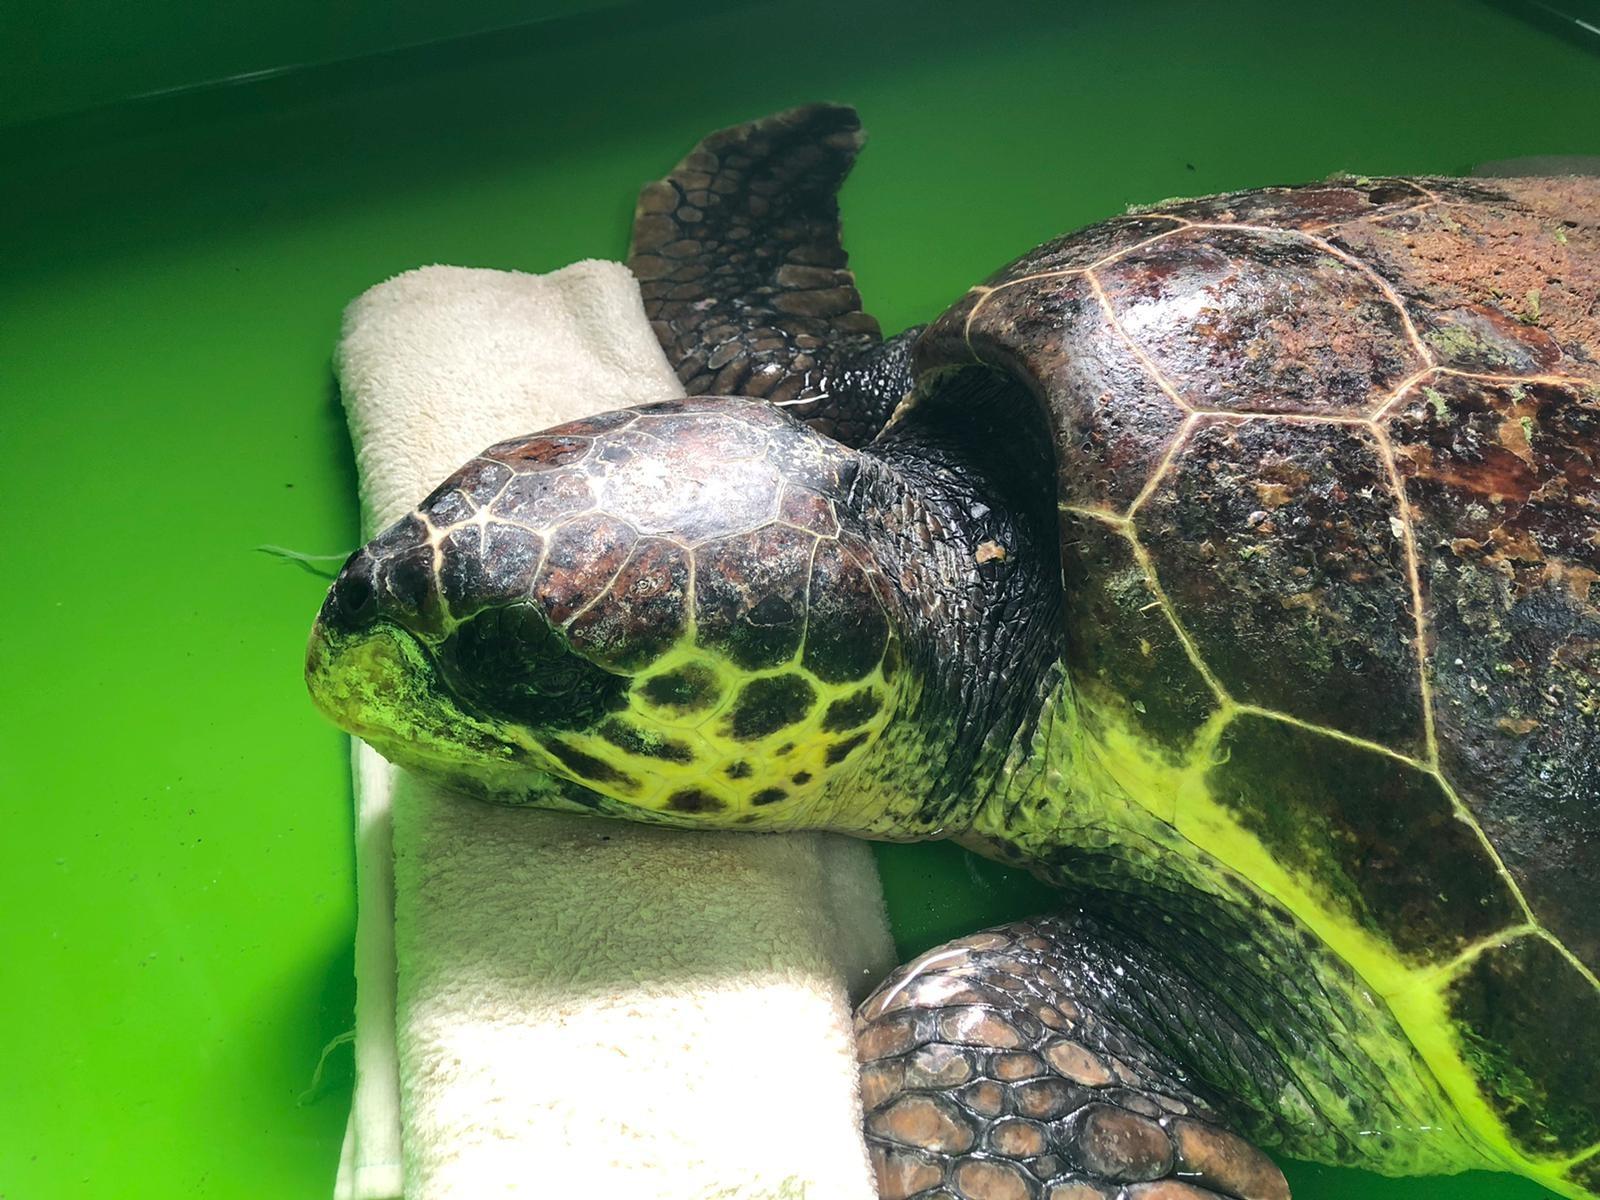 Öldüğü sanılan deniz kaplumbağasının, yaşadığı ortaya çıktı